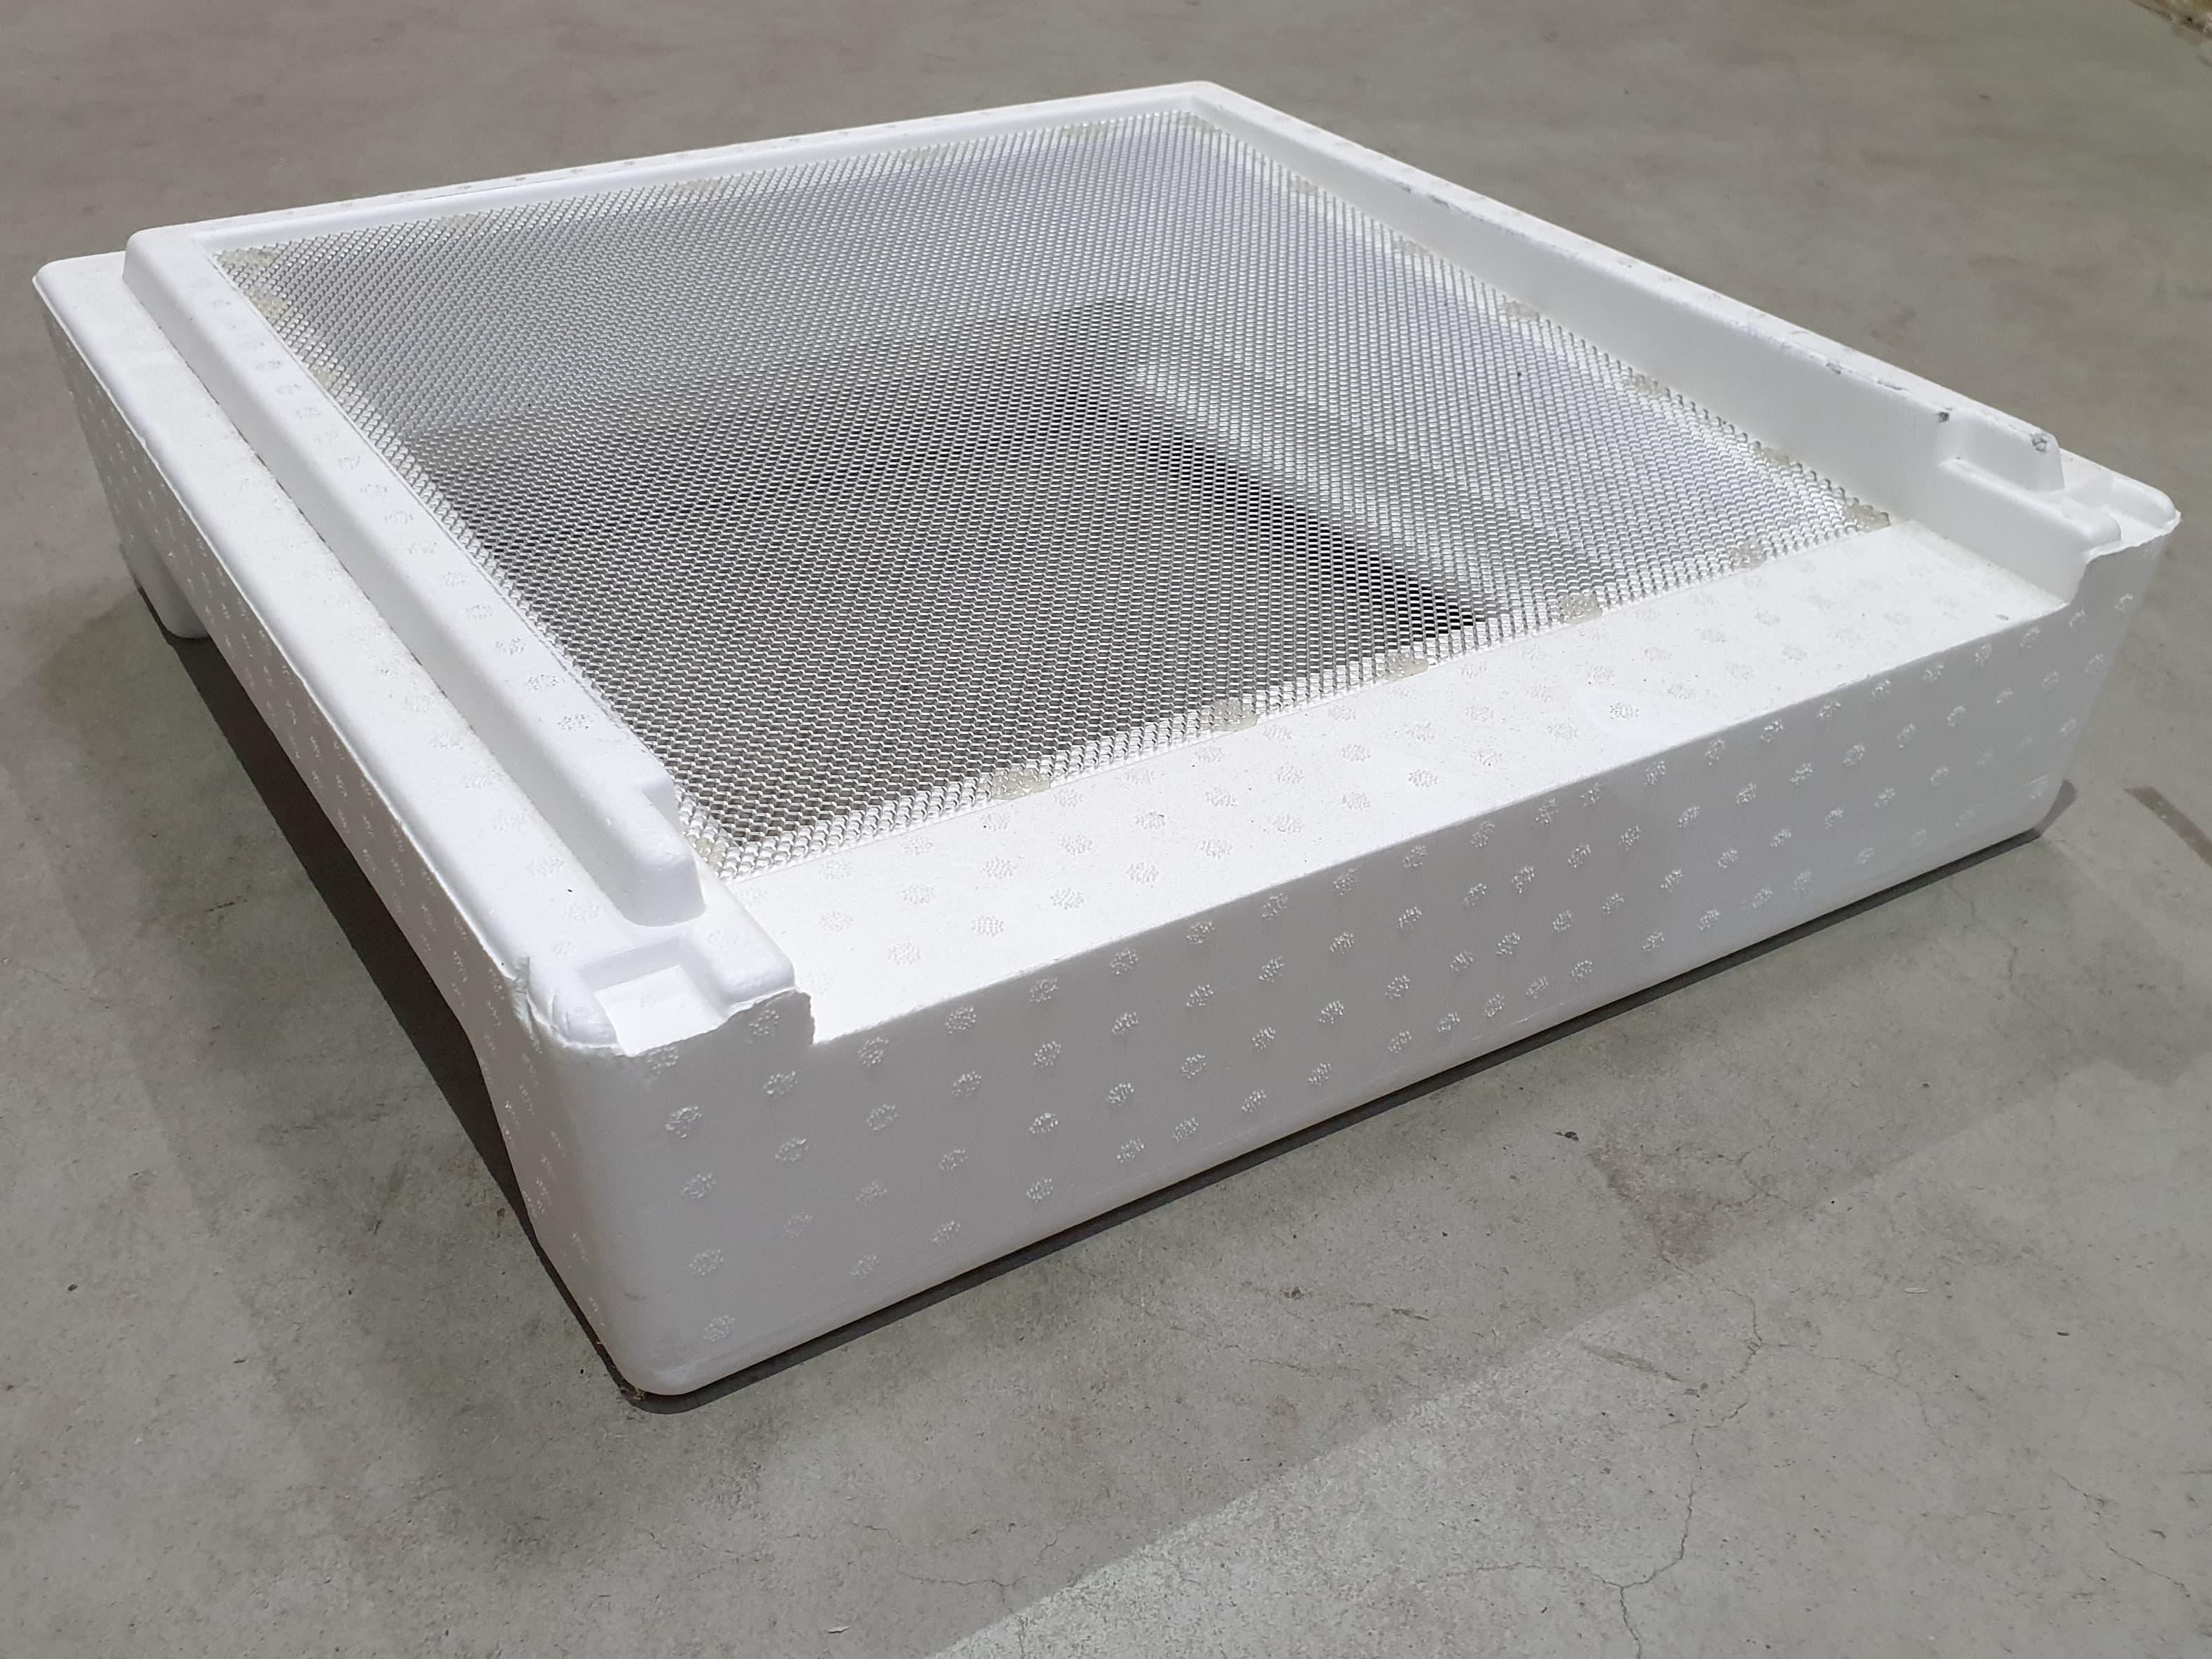 Segeberger Universalboden mit Alugitter ohne Rahmen (von Stehr)